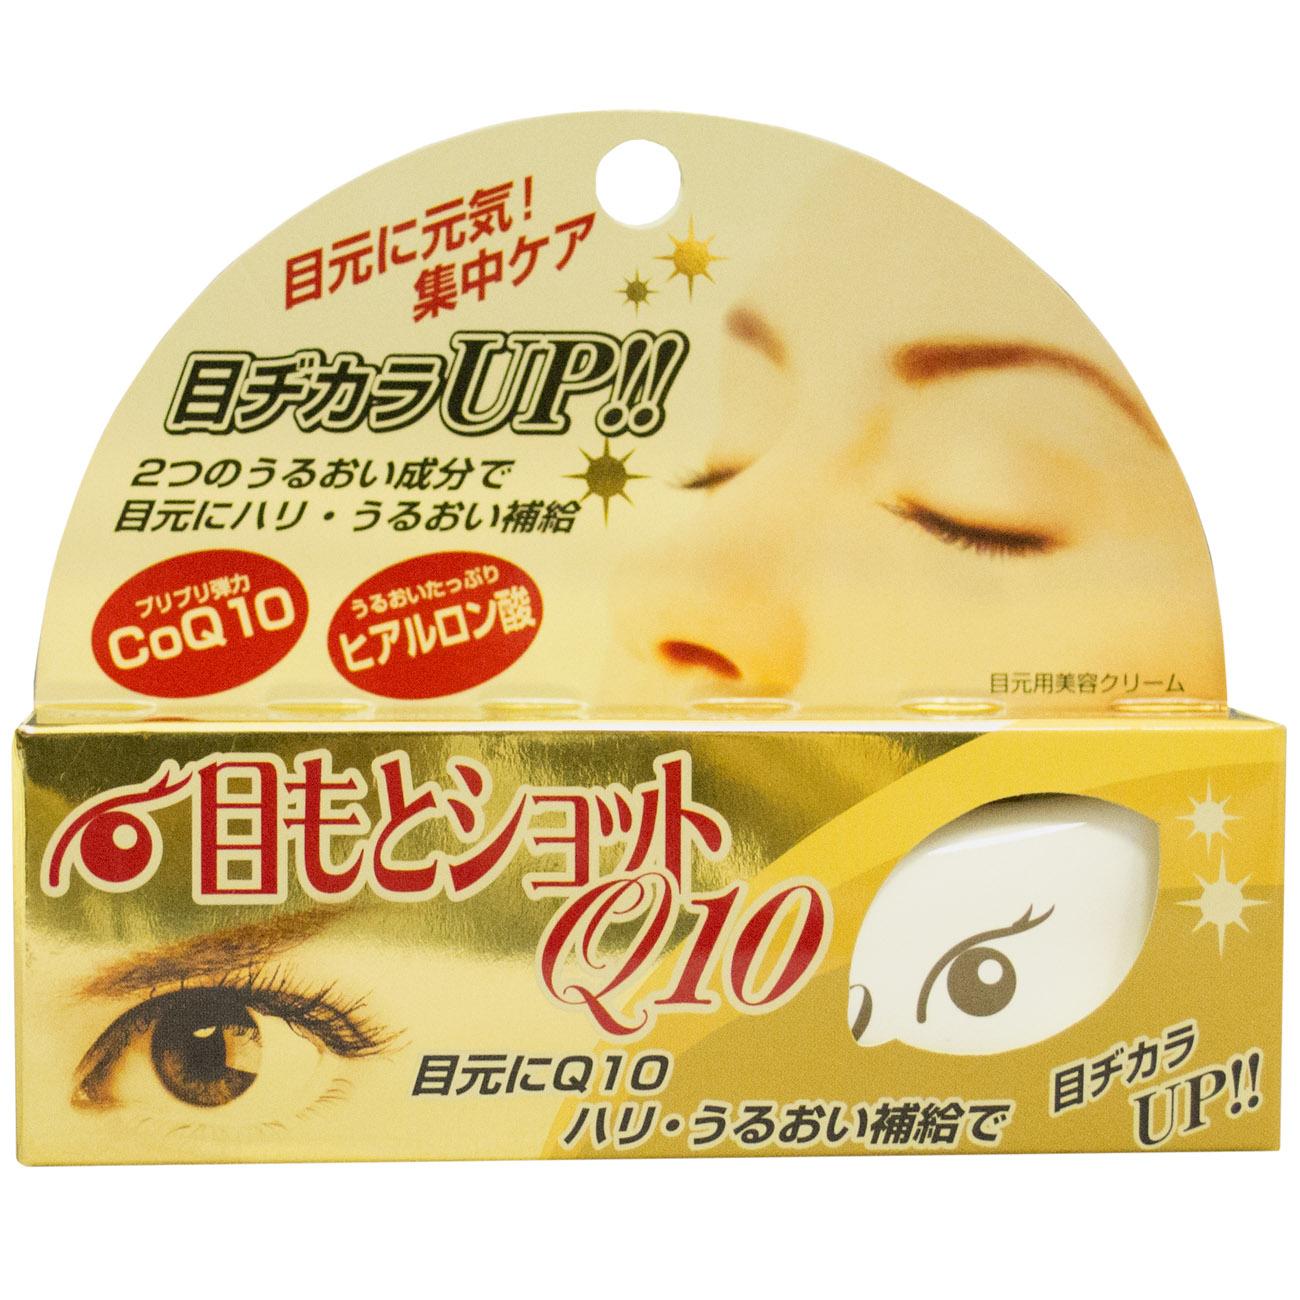 Крем для кожи вокруг глаз Roland Против морщин (с коэнзимом) 20 гр